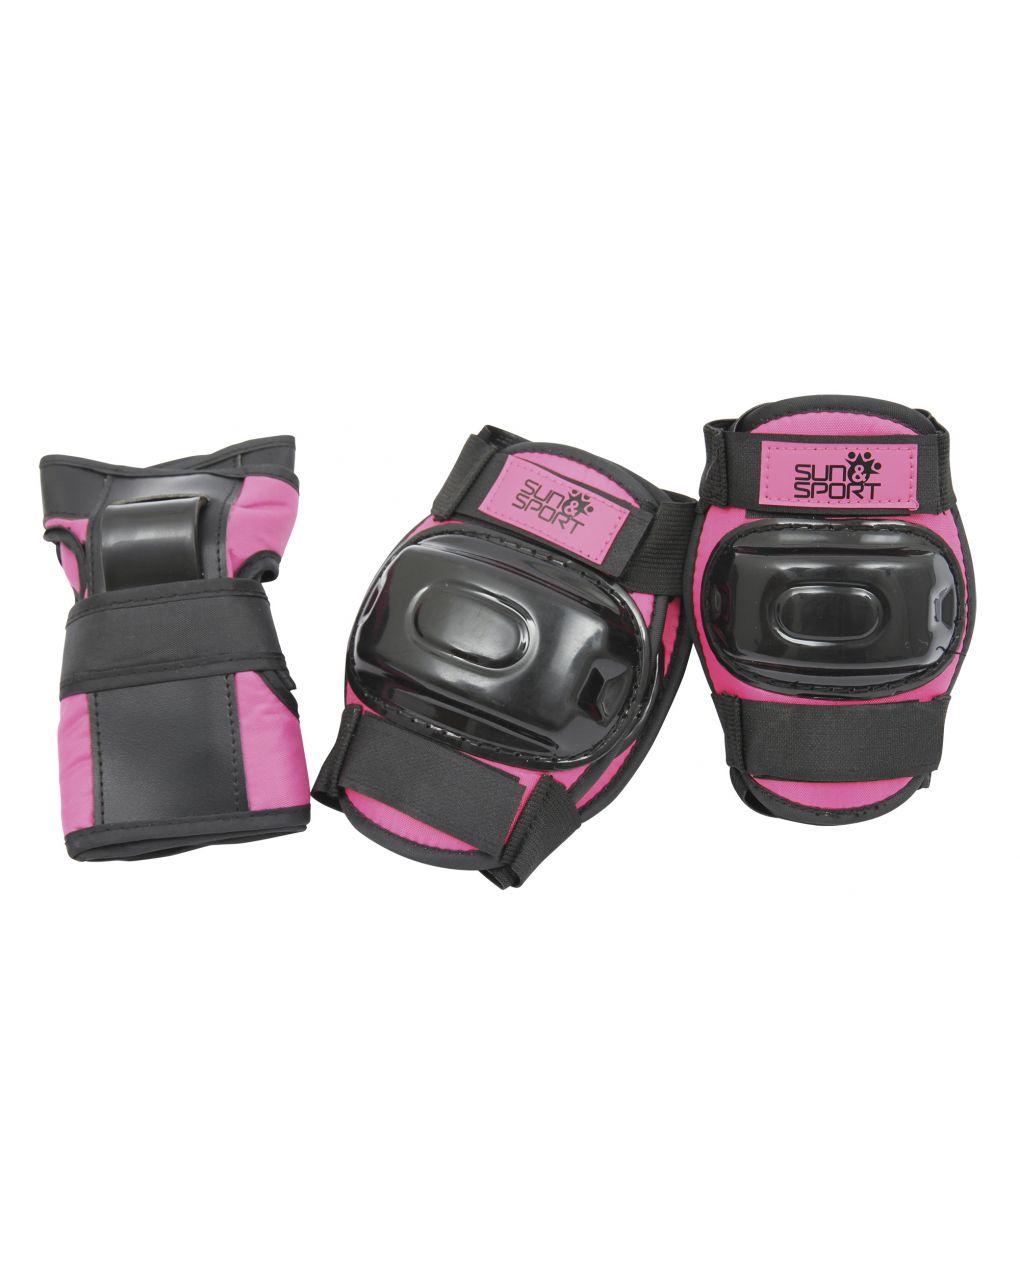 Sun&sport - set protezioni girl - Sun&Sport